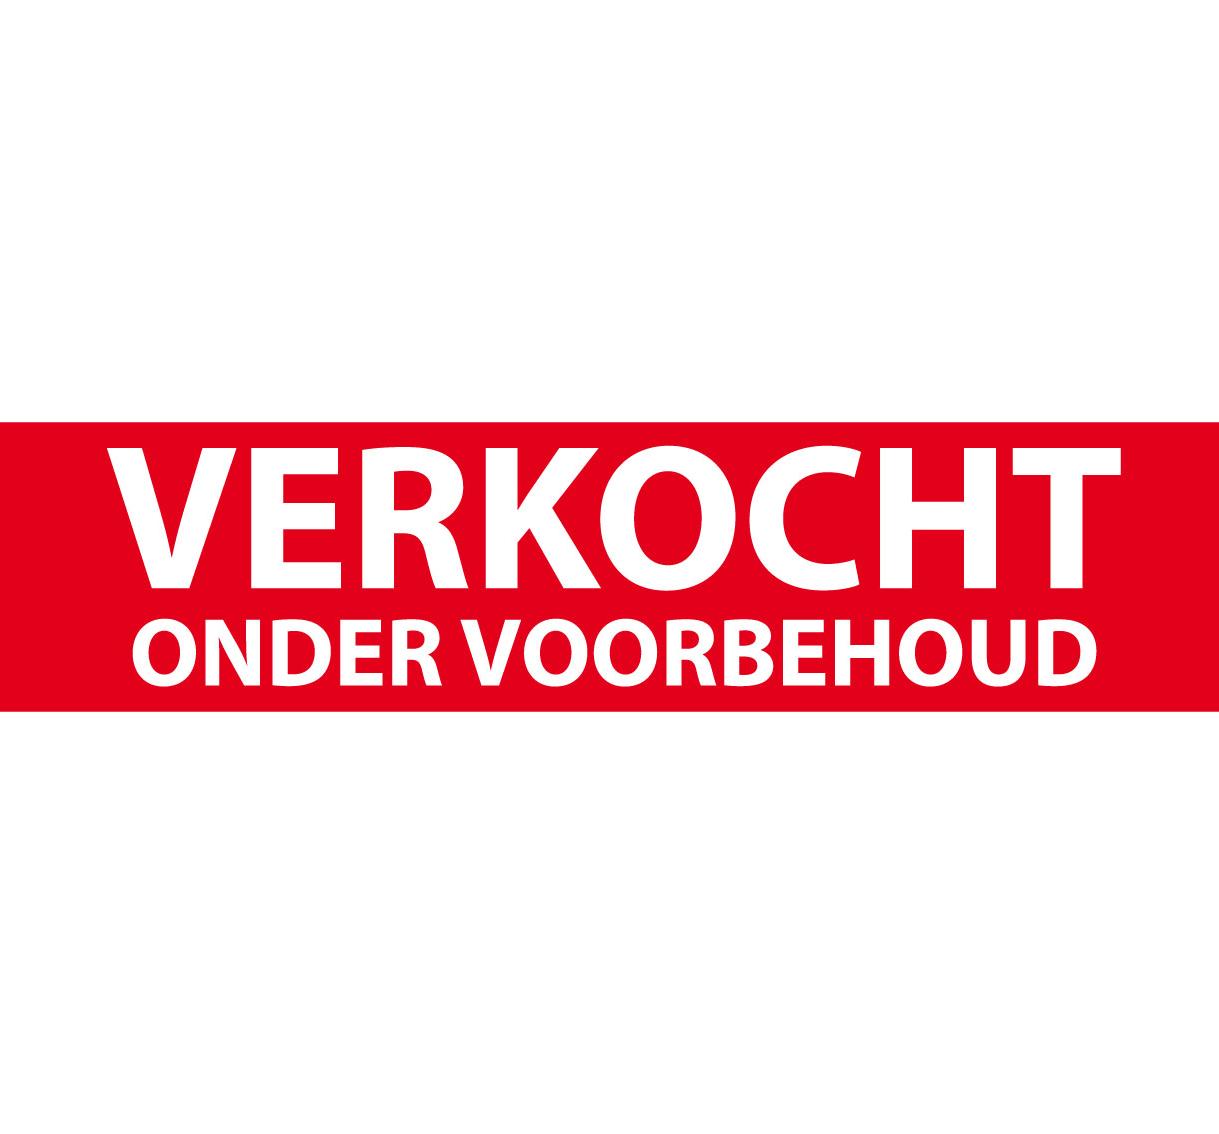 http://www.printklusje.nl/images/productimages/big/Verkocht-onder-voorbehoud.jpg